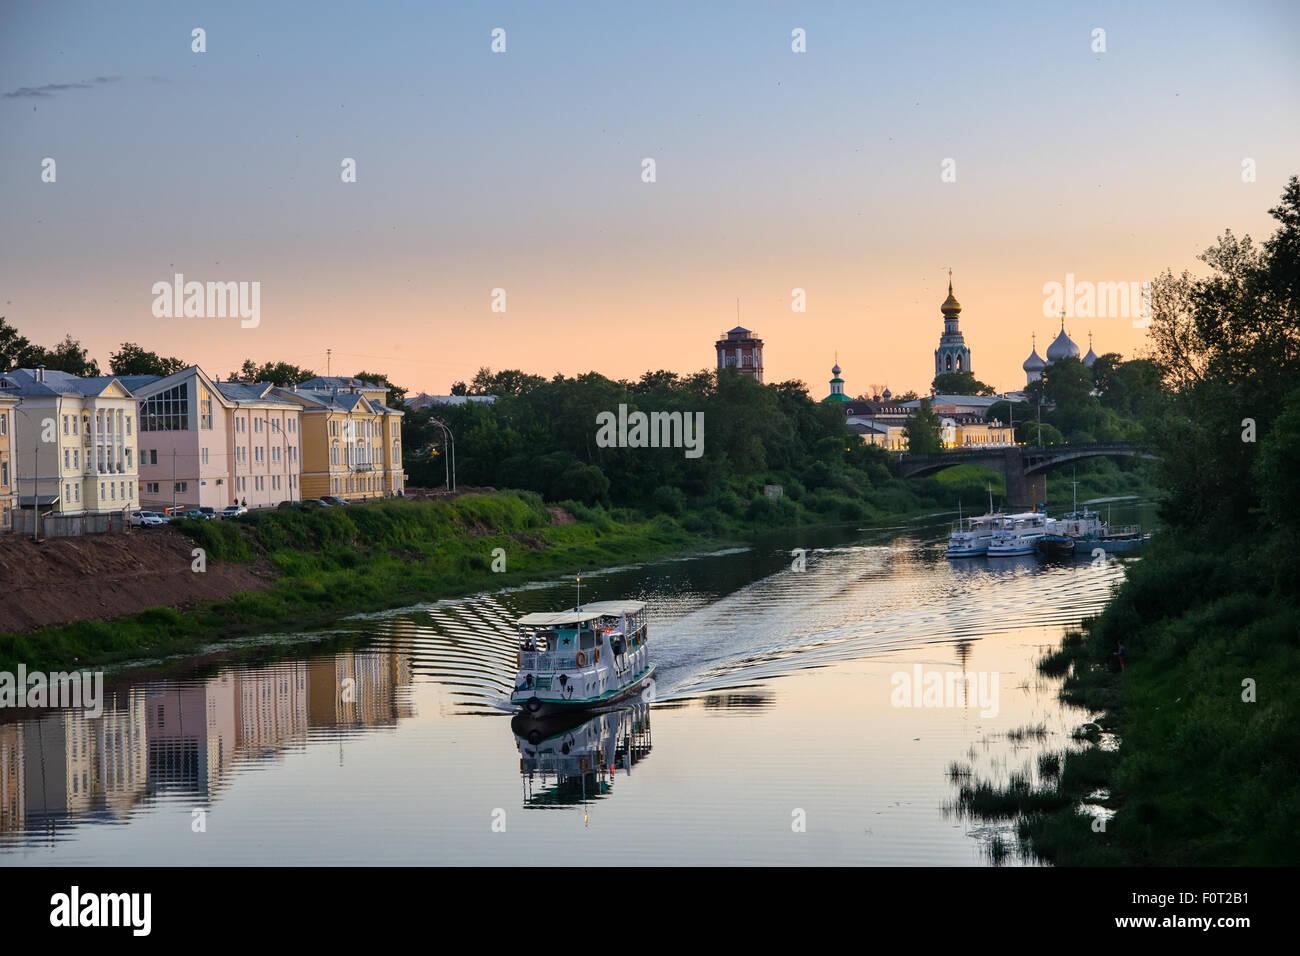 Das Schiff schwimmt auf dem Fluss. Russland. Stadt Vologda Stockbild